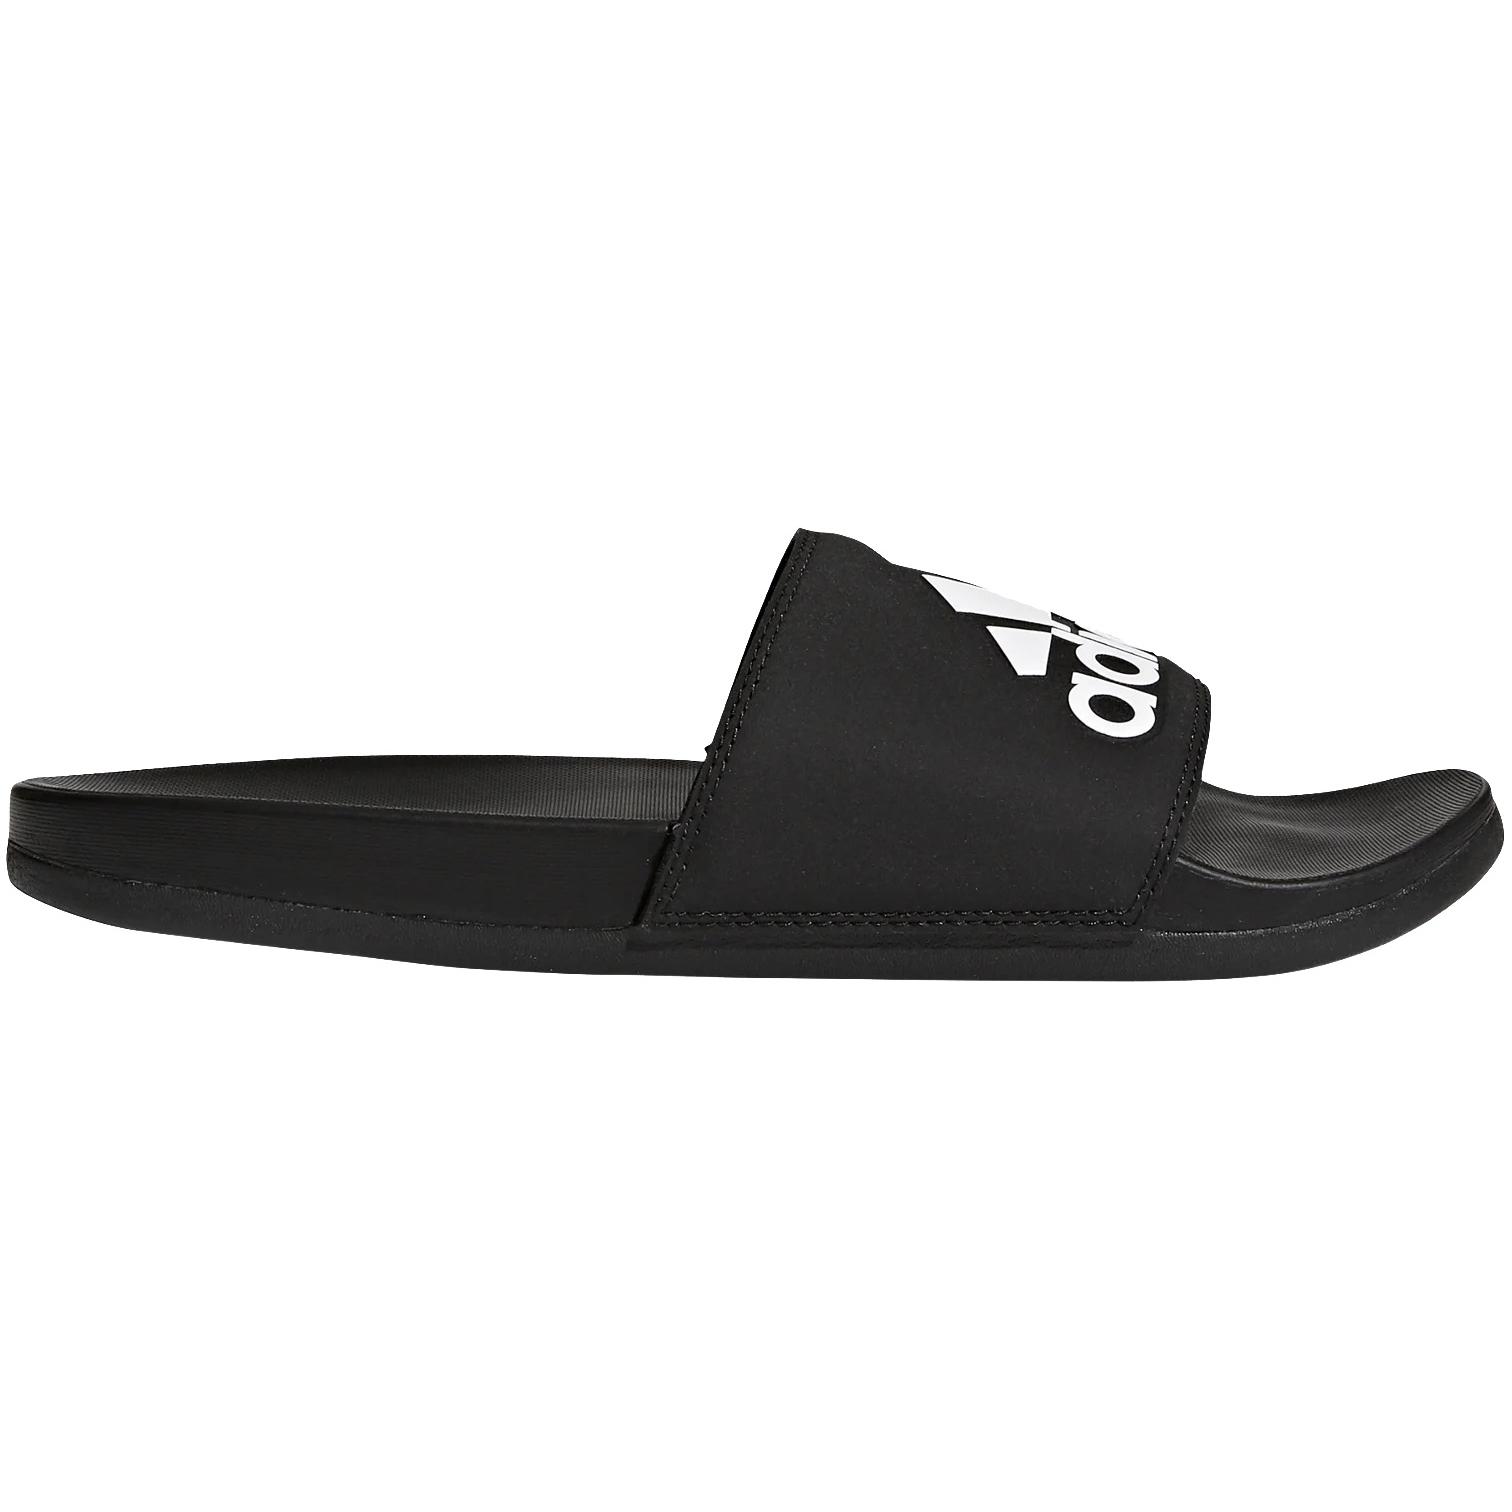 adidas Adilette Comfort Cloudfoam Plus Logo Slides Bathing Shoes - core black/core black/cloud white CG3425